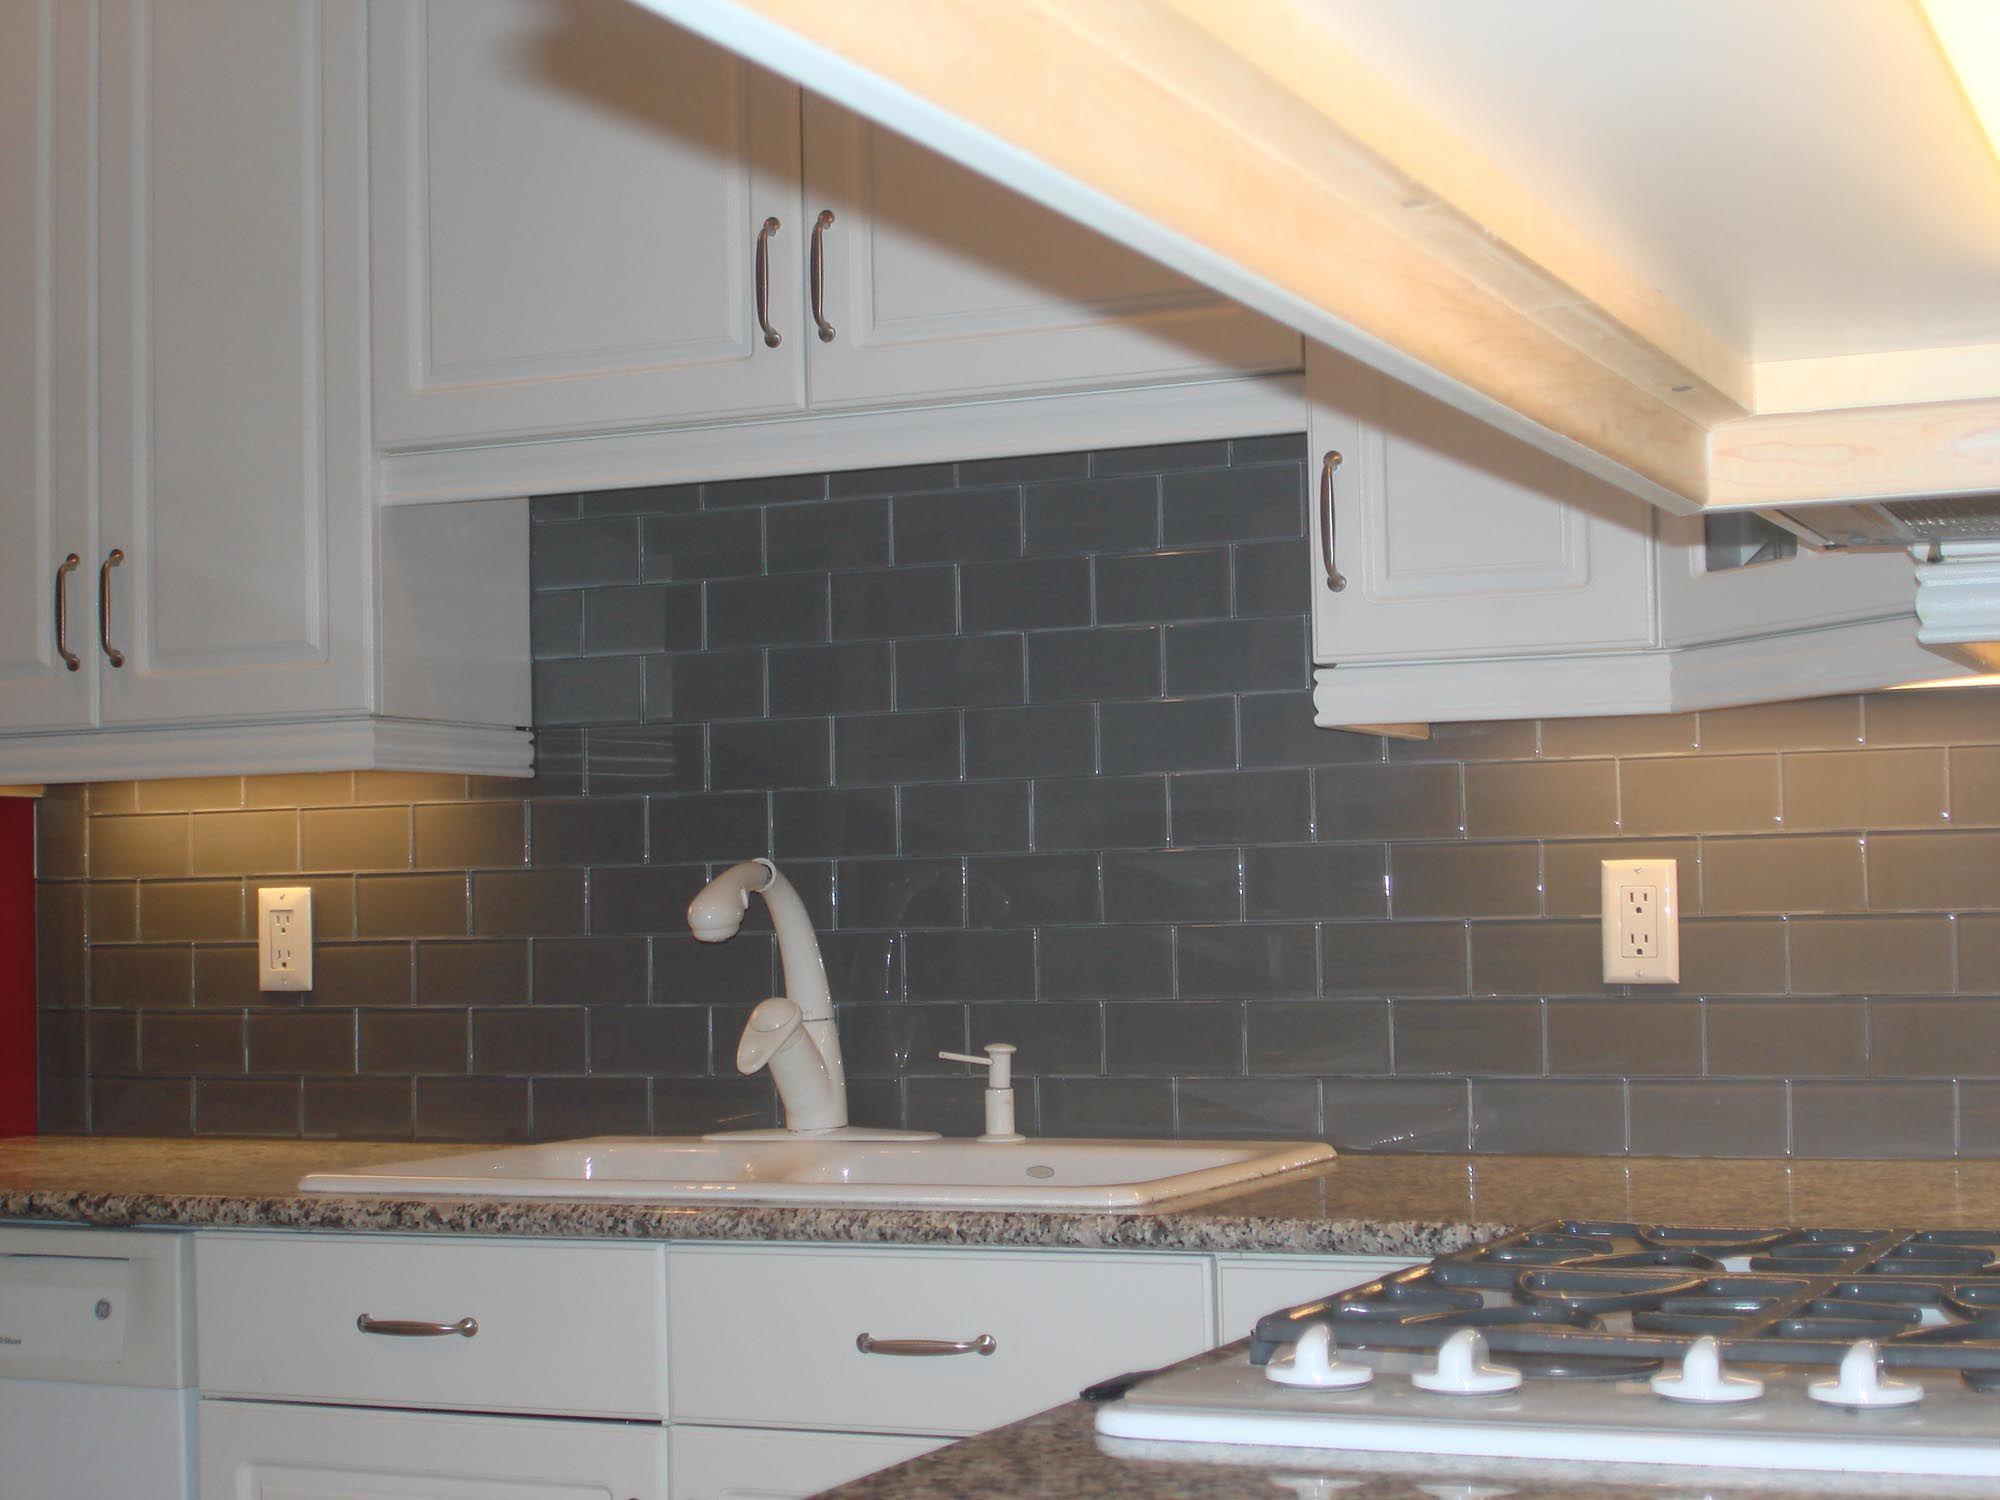 Image result for mid century modern beige cabinets glass tile backsplash